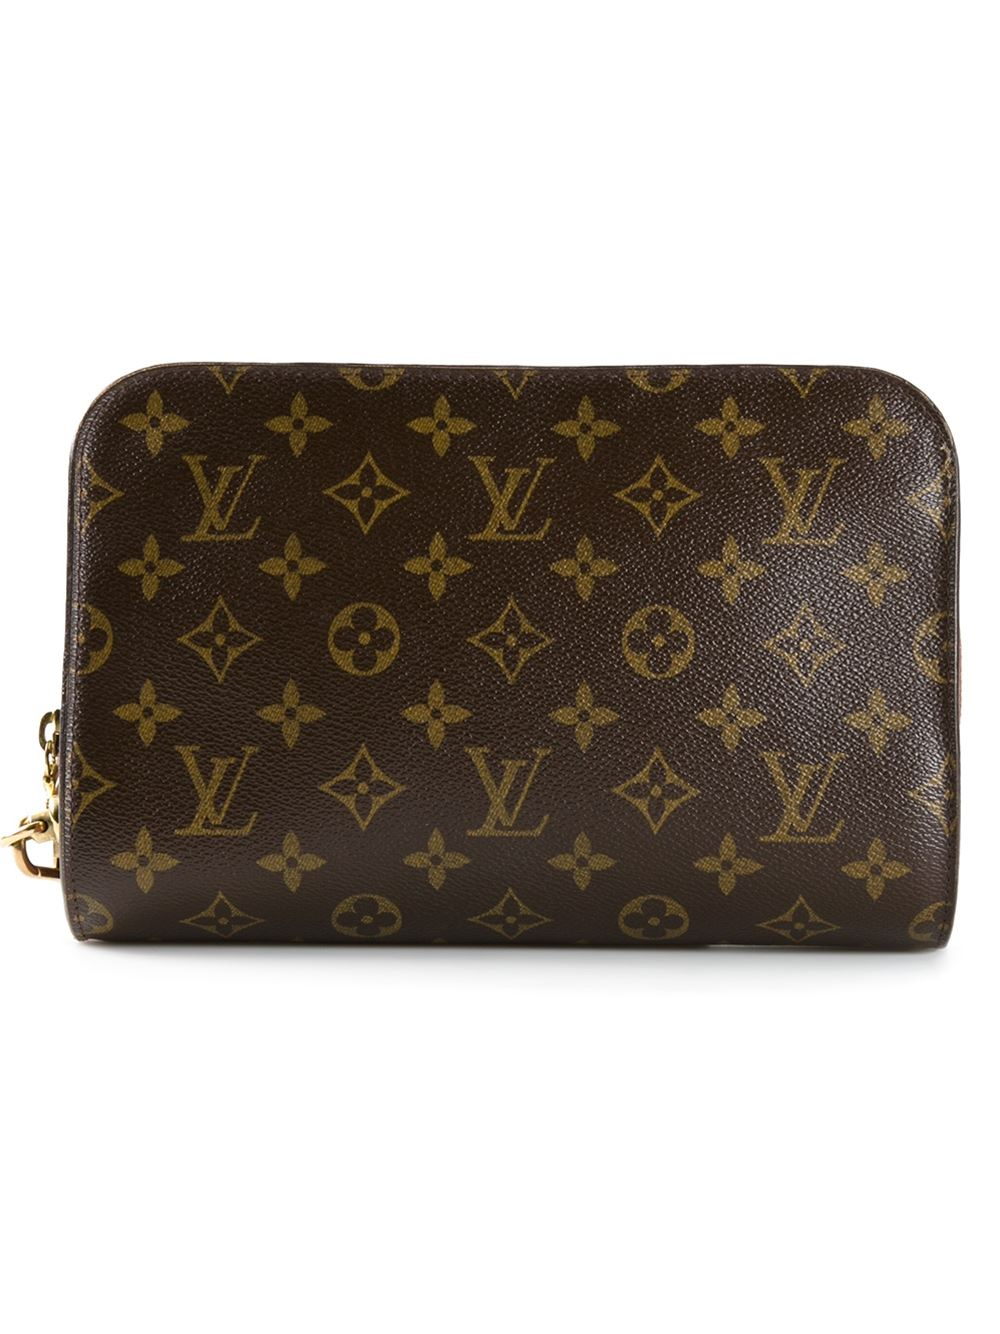 Louis Vuitton Monogram Orsay Clutch In Brown Lyst